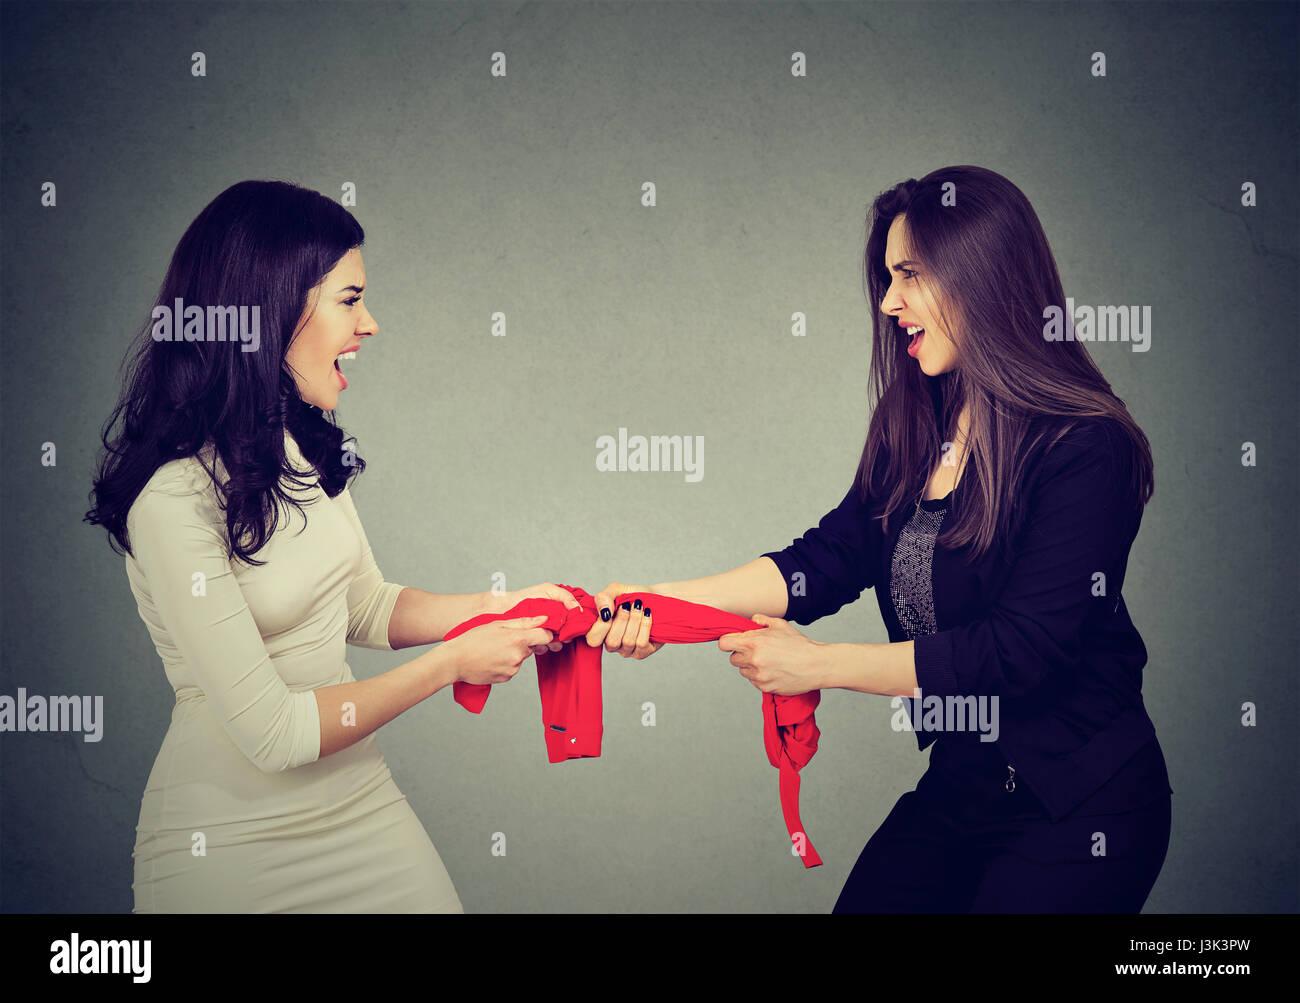 zwei gierige Frauen kämpfen um roten Tank-Top an grauen Wand Hintergrund Stockbild